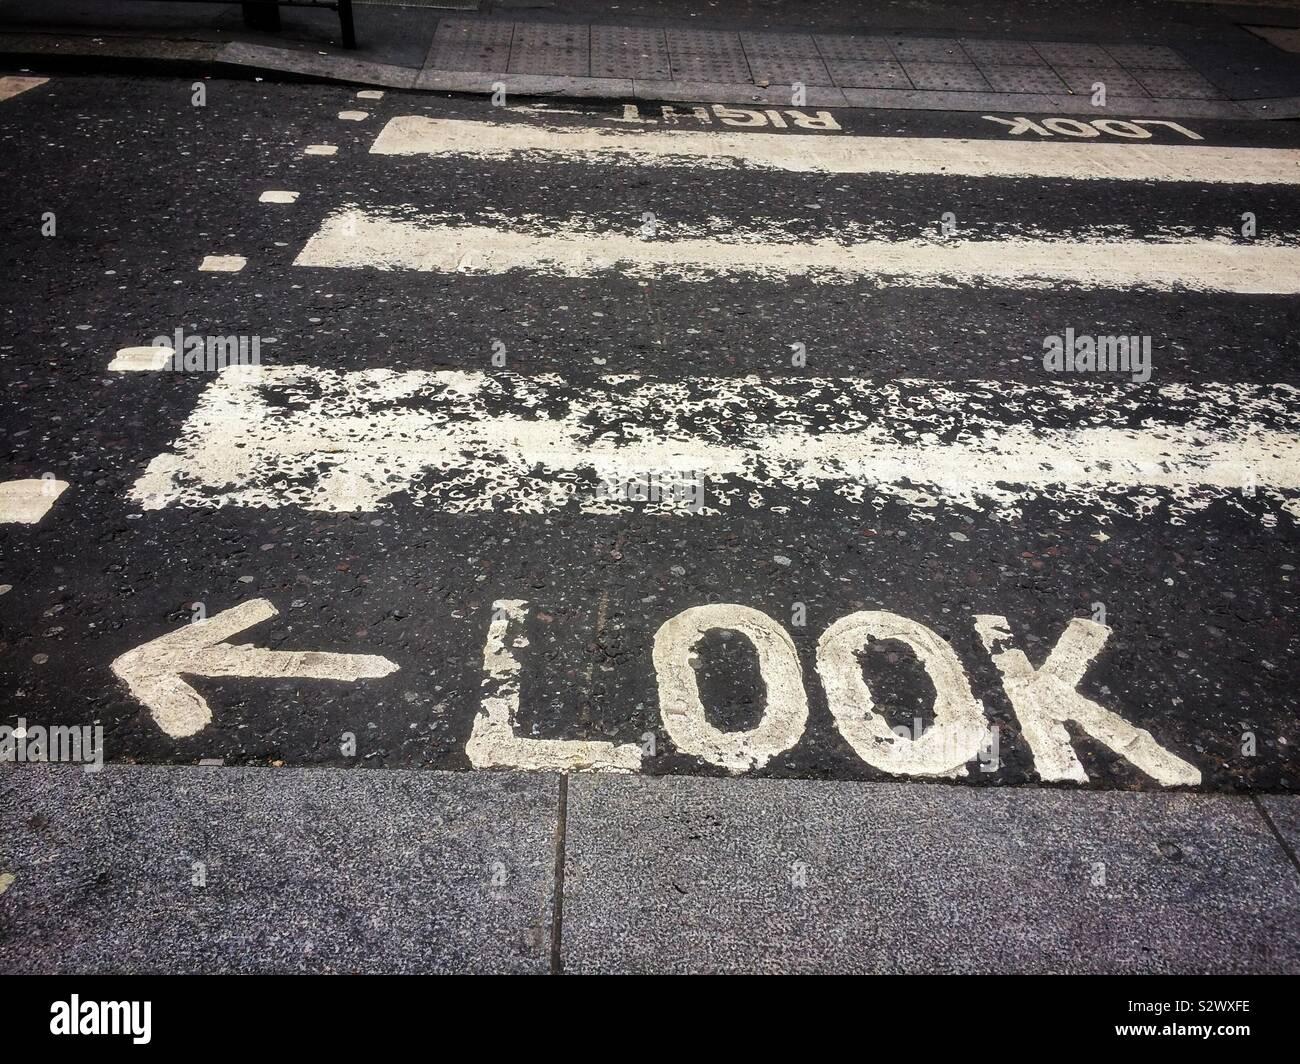 Signo de mirar hacia la izquierda en la carretera Foto de stock